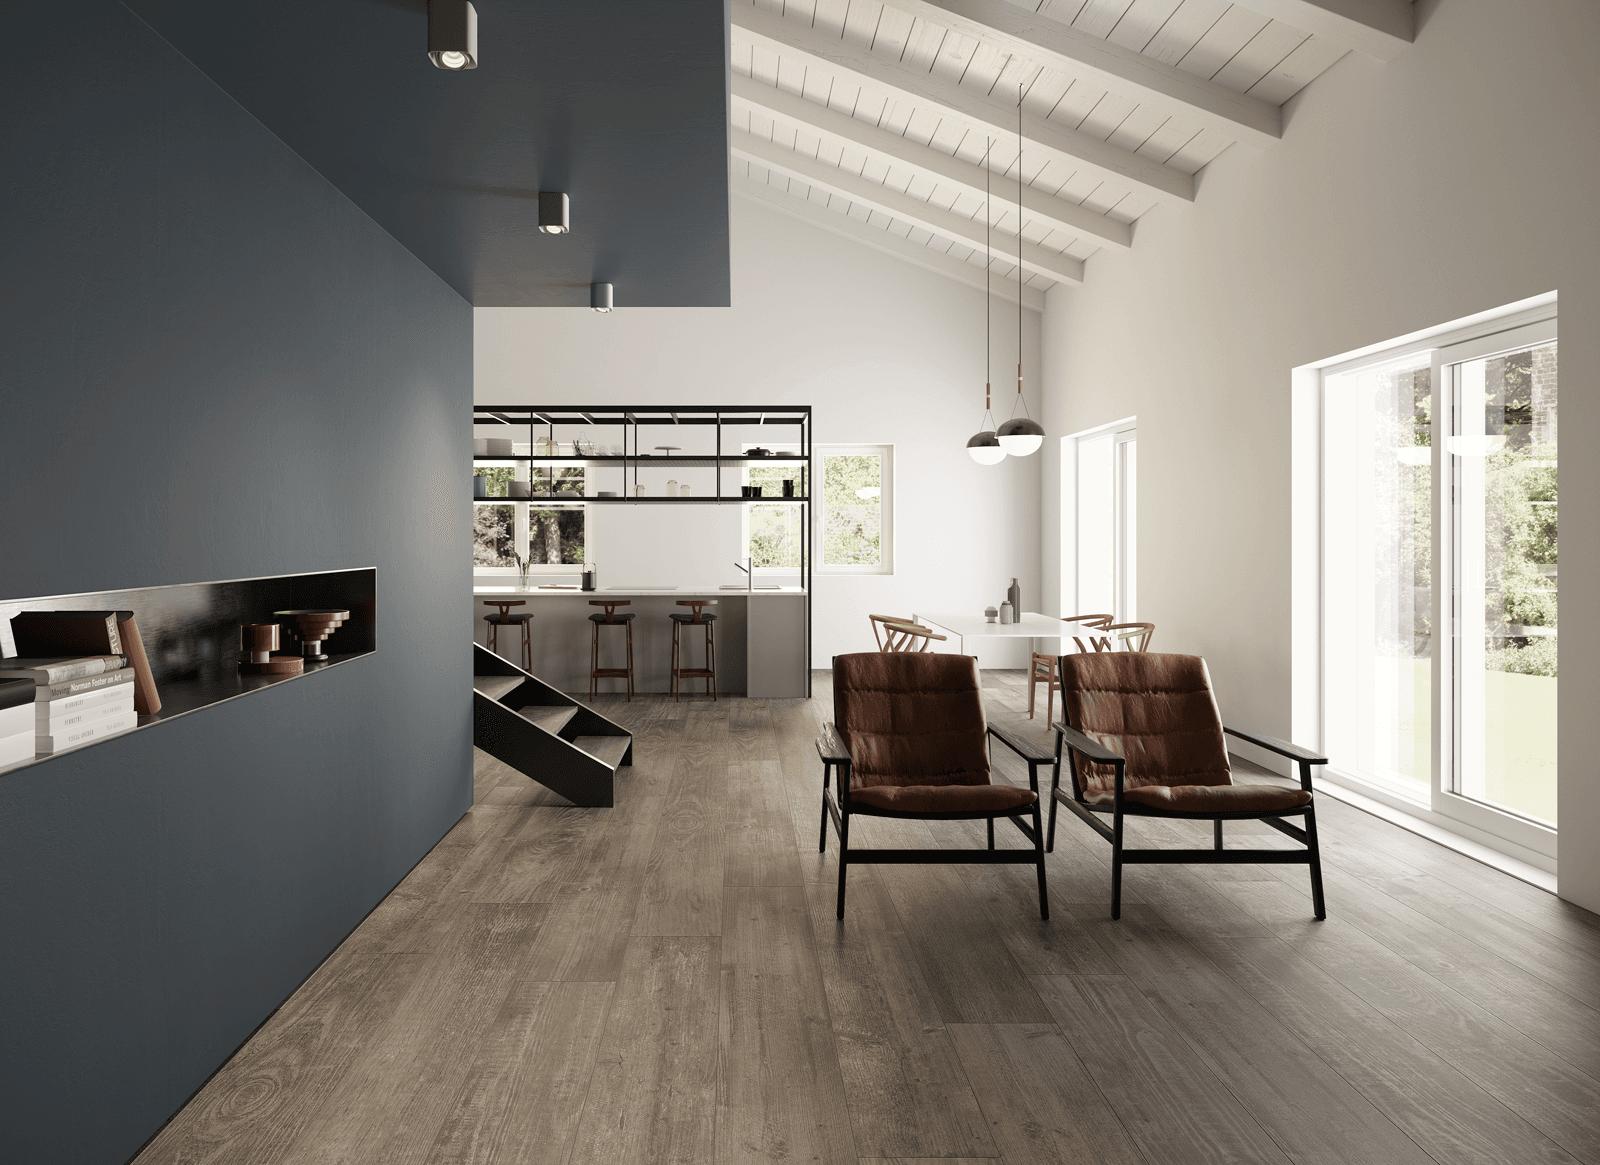 Pavimenti gres porcellanato effetto legno soul ceramiche keope